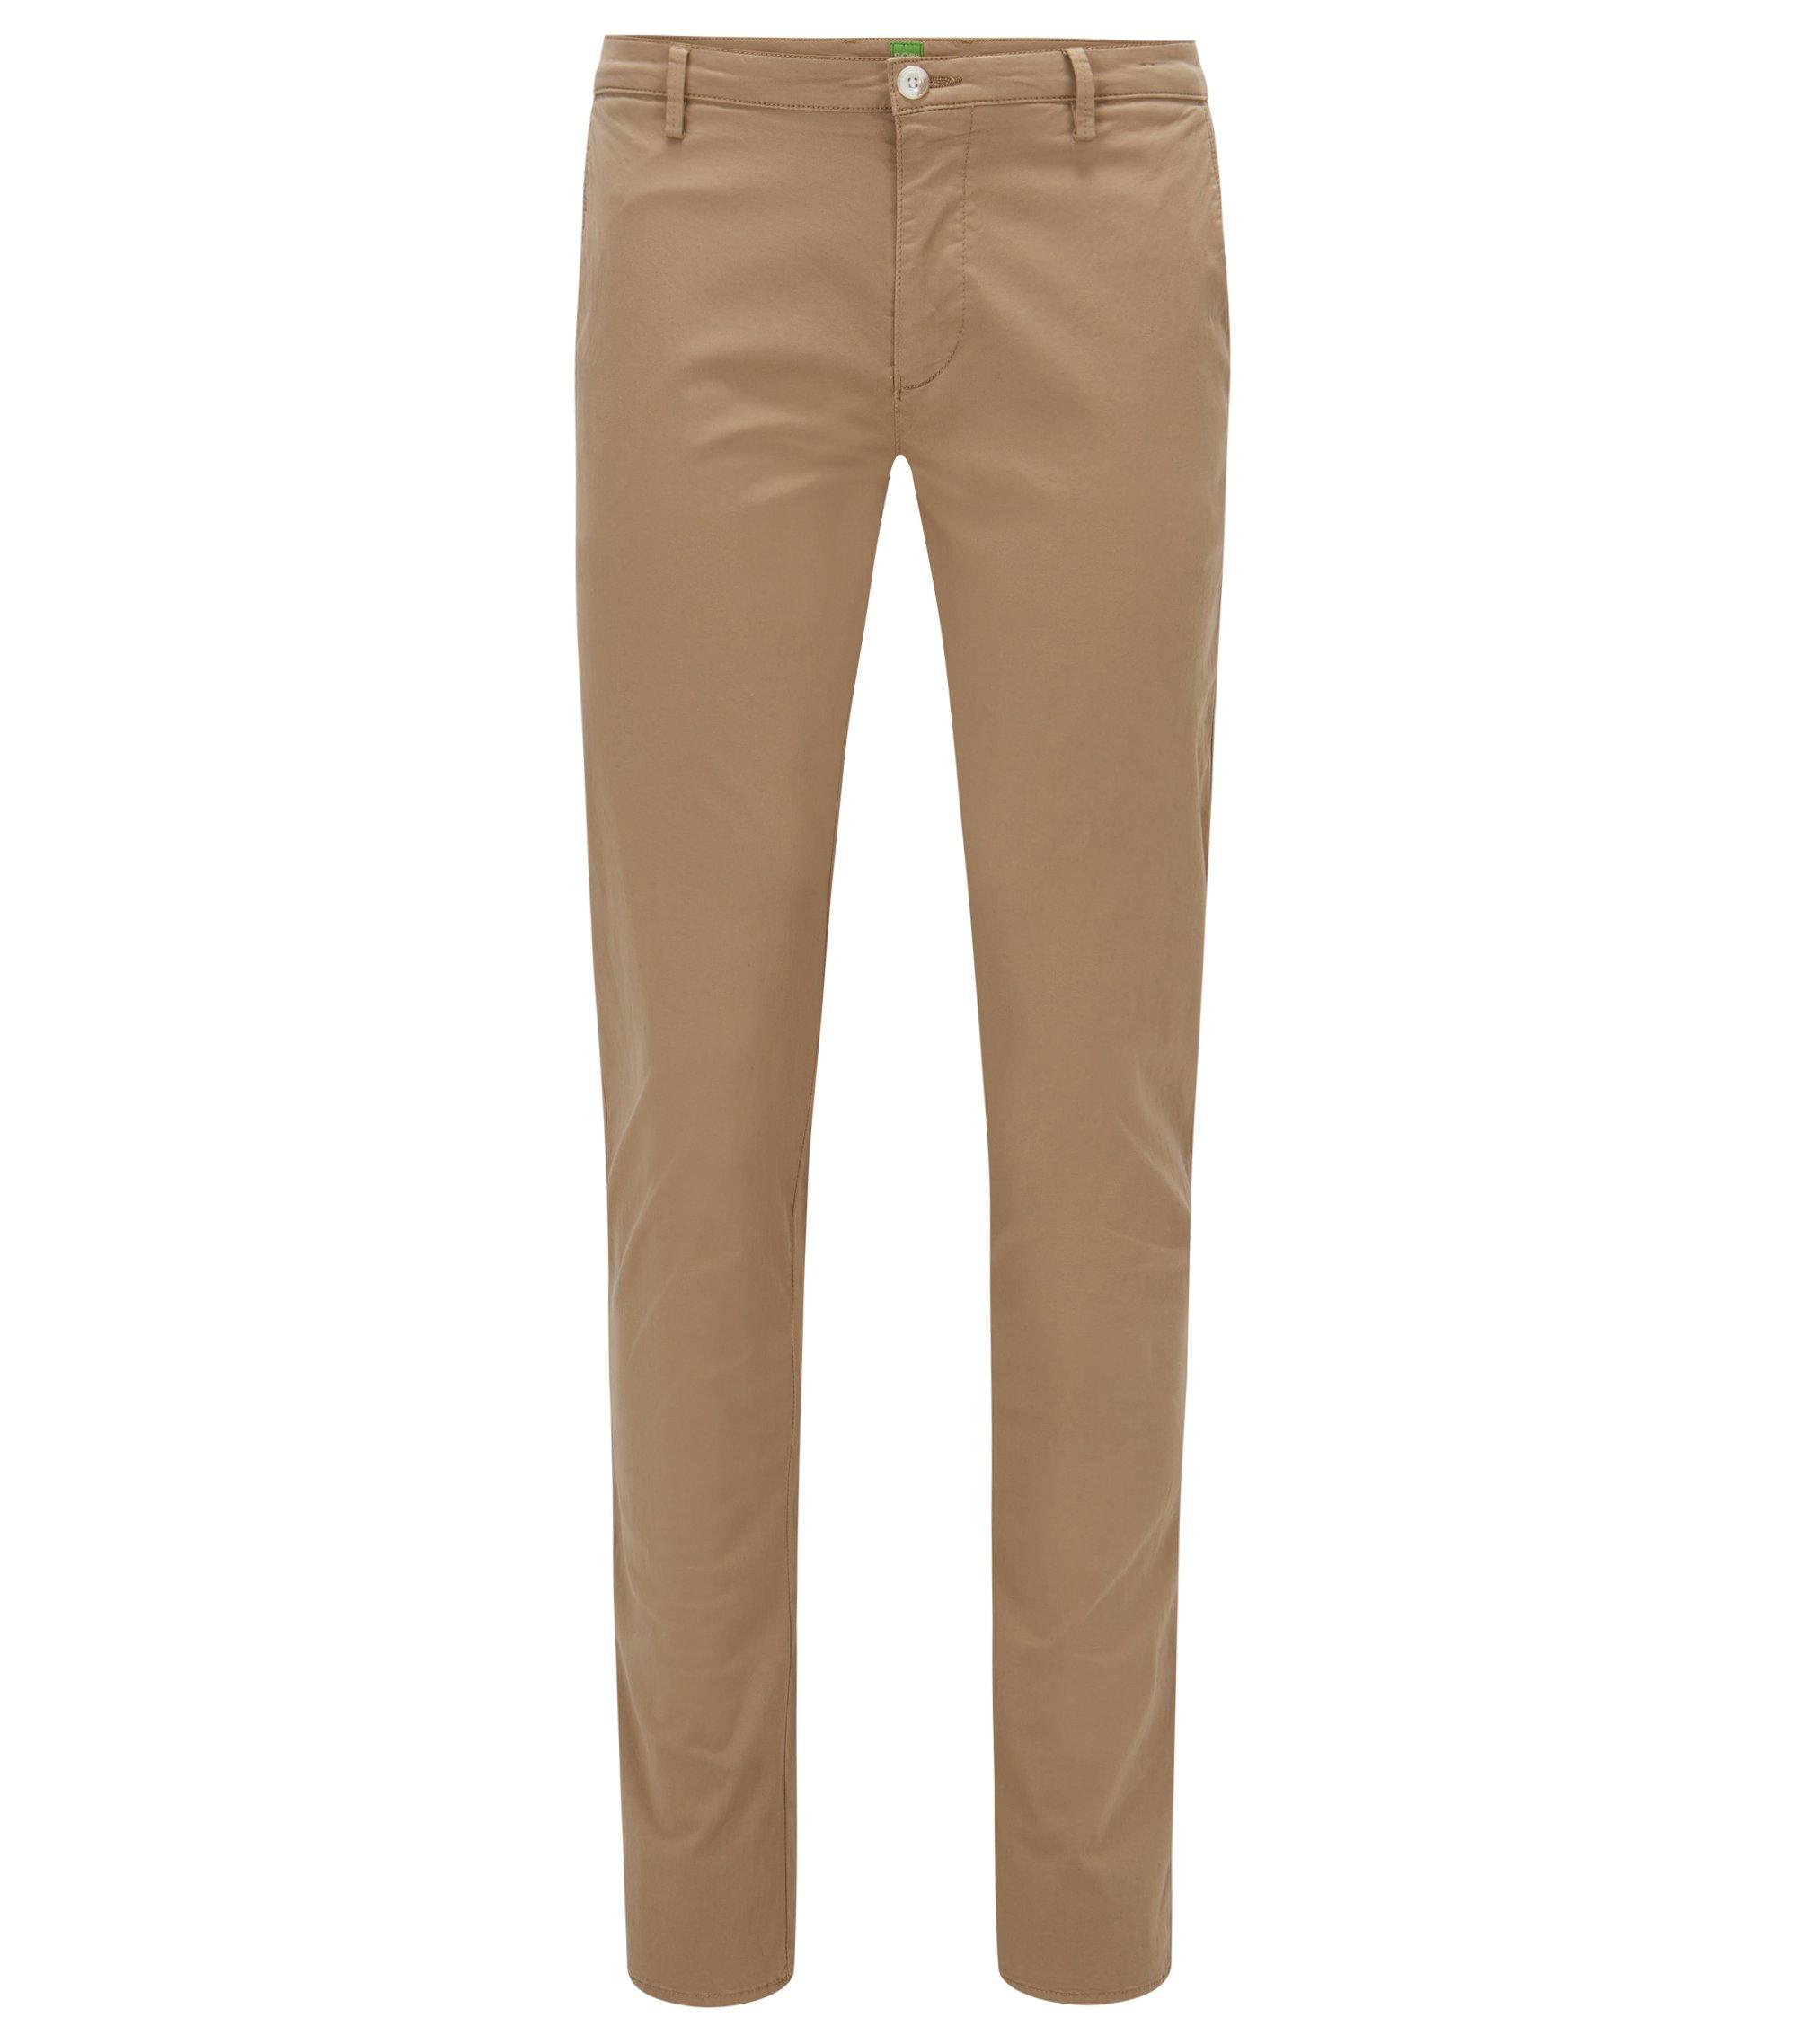 Pantaloni slim fit in cotone Pima elasticizzato, Beige